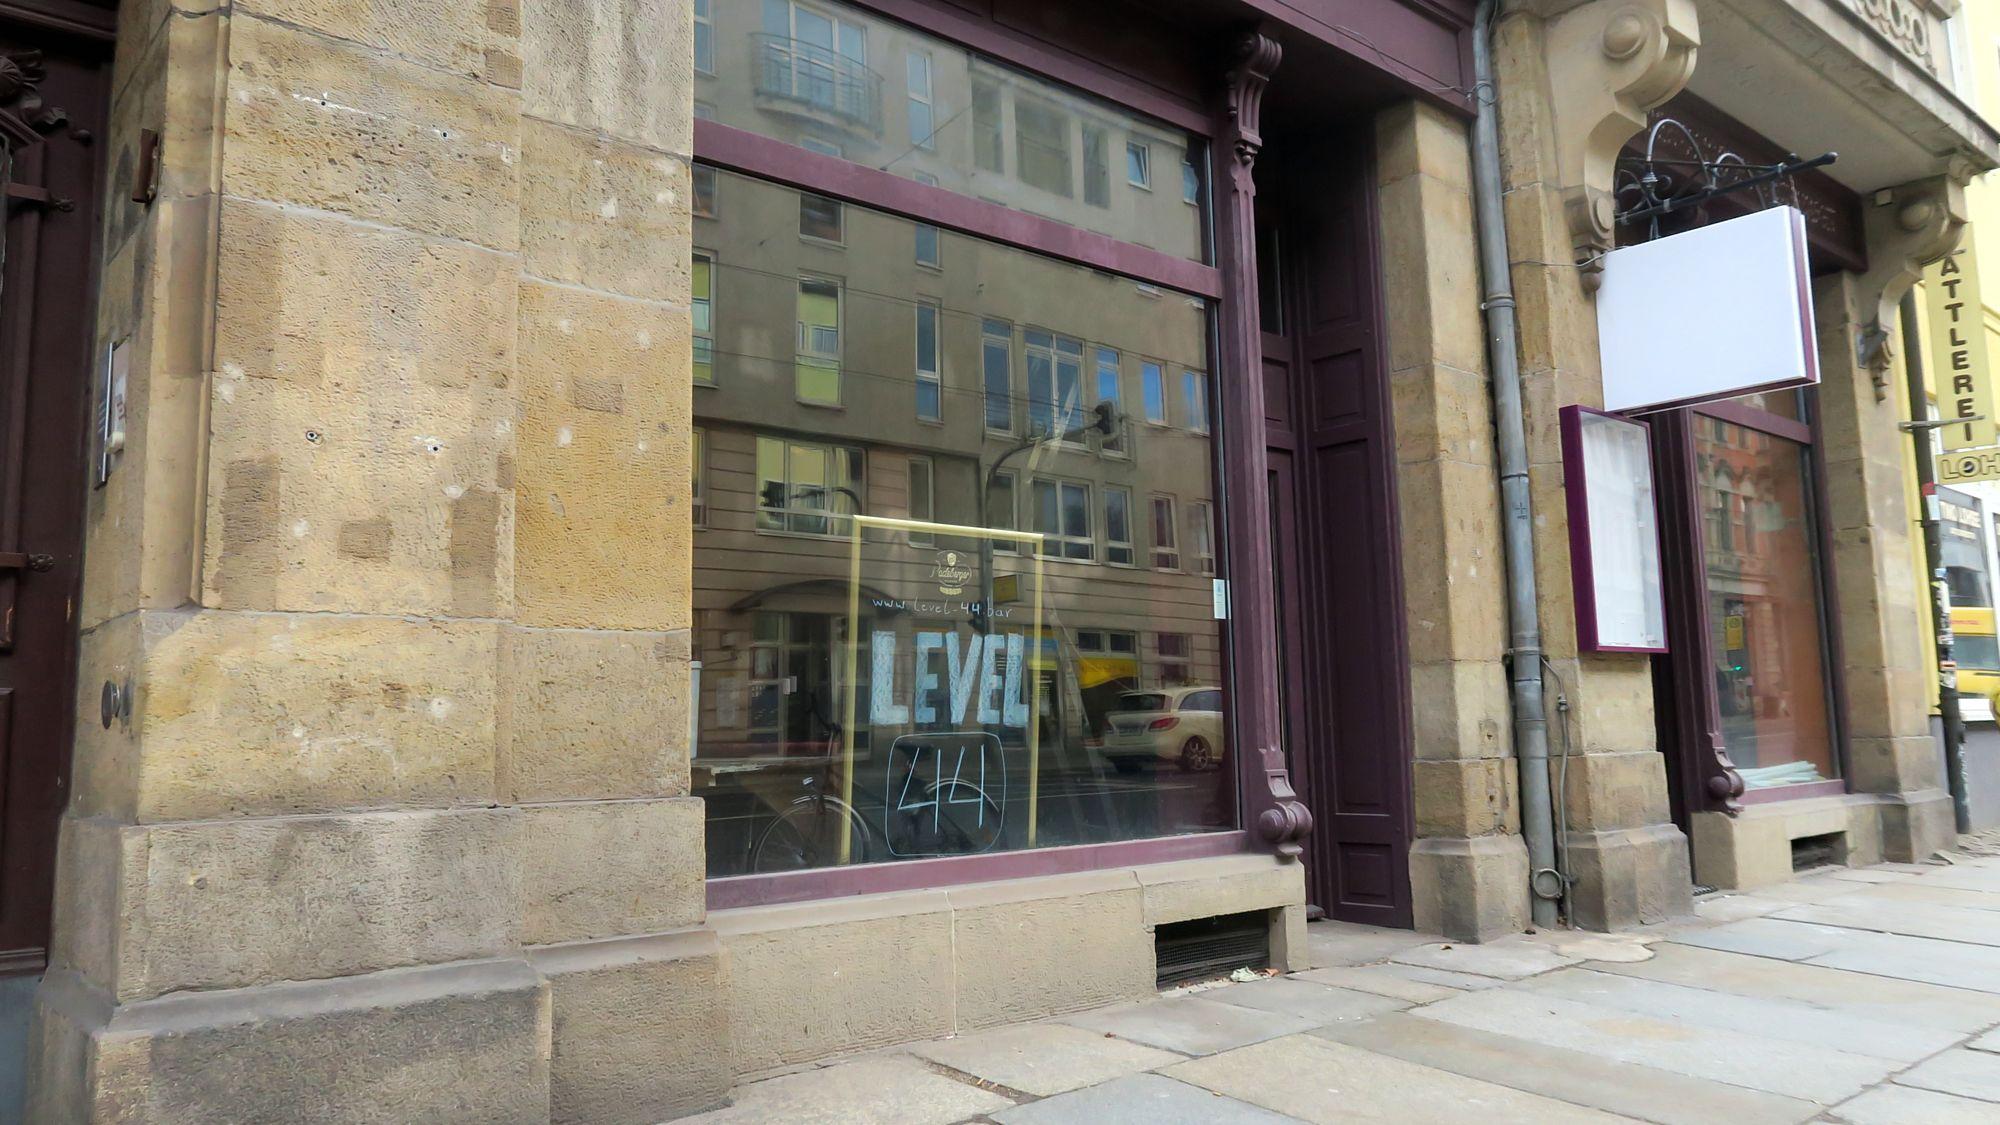 Eröffnung für den 4. April geplant: Level 44